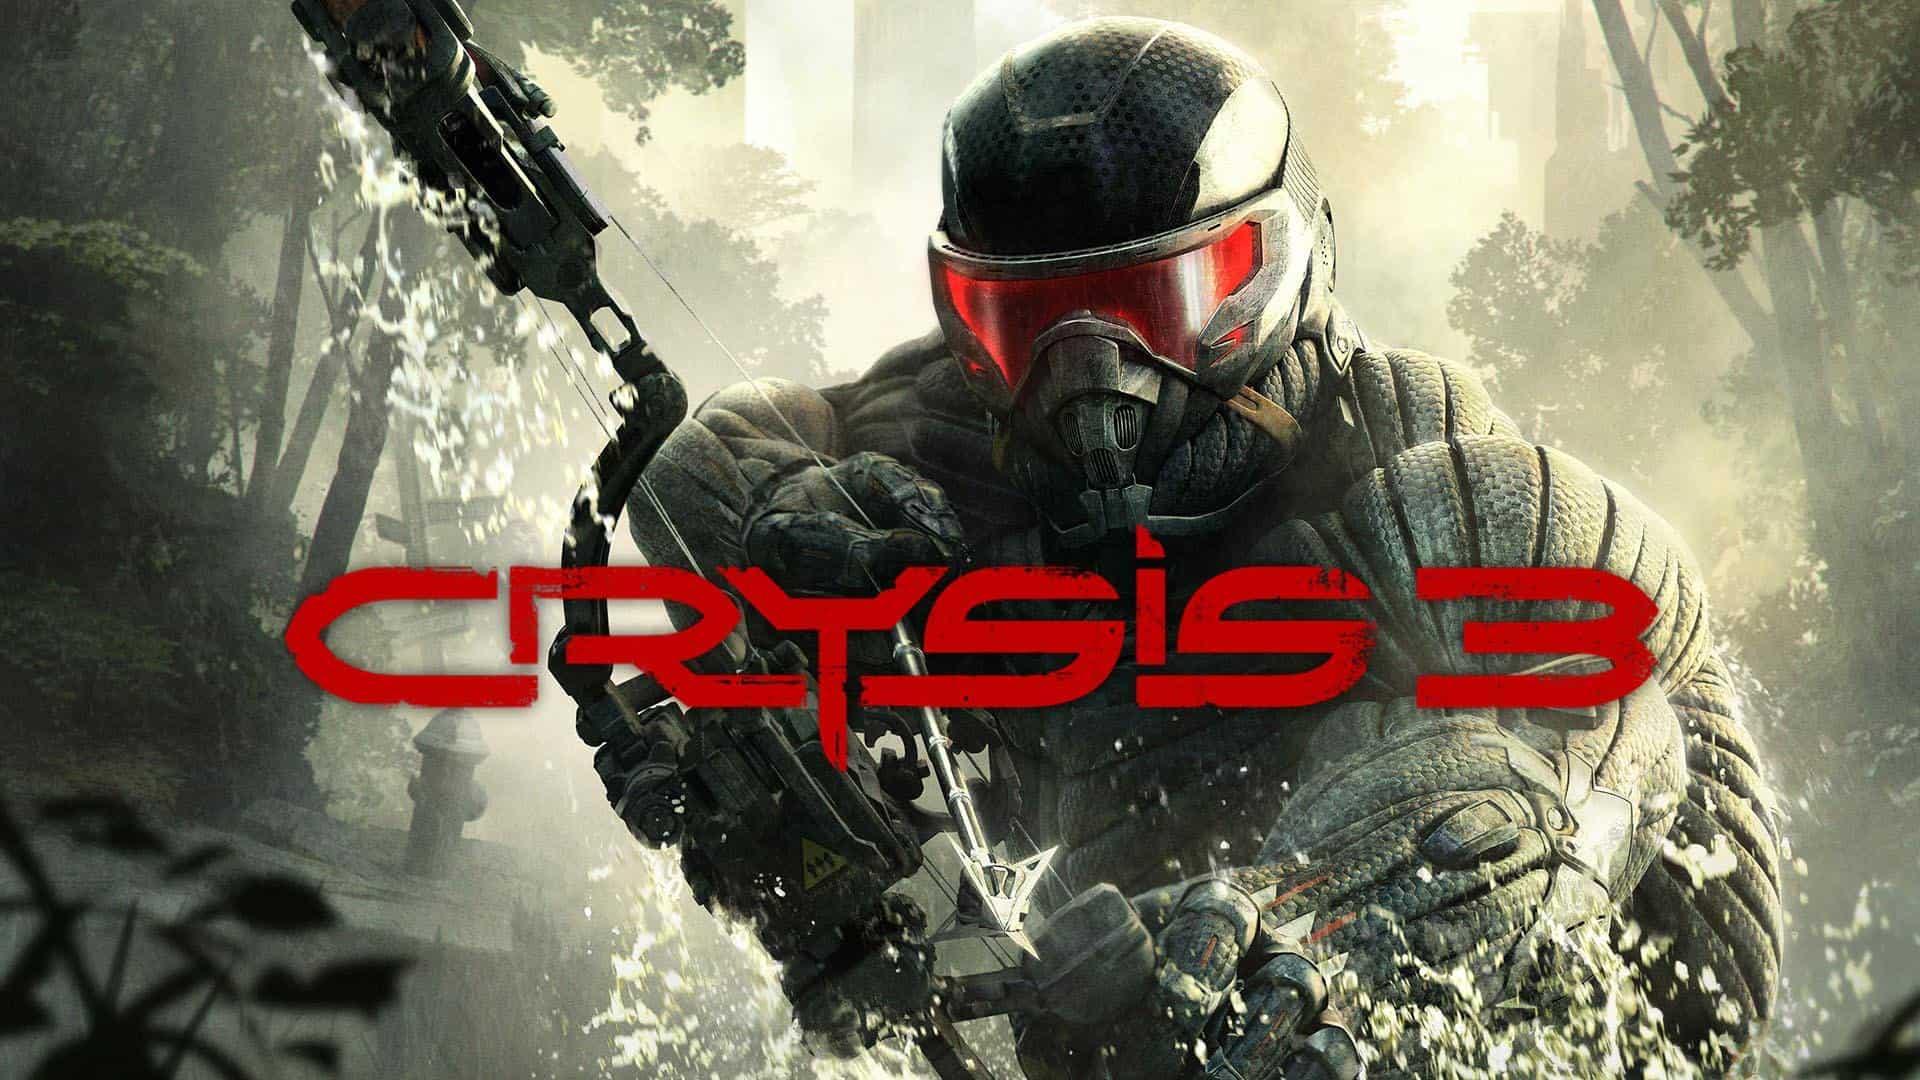 Crysis 3 spiele herunterladen frei PC